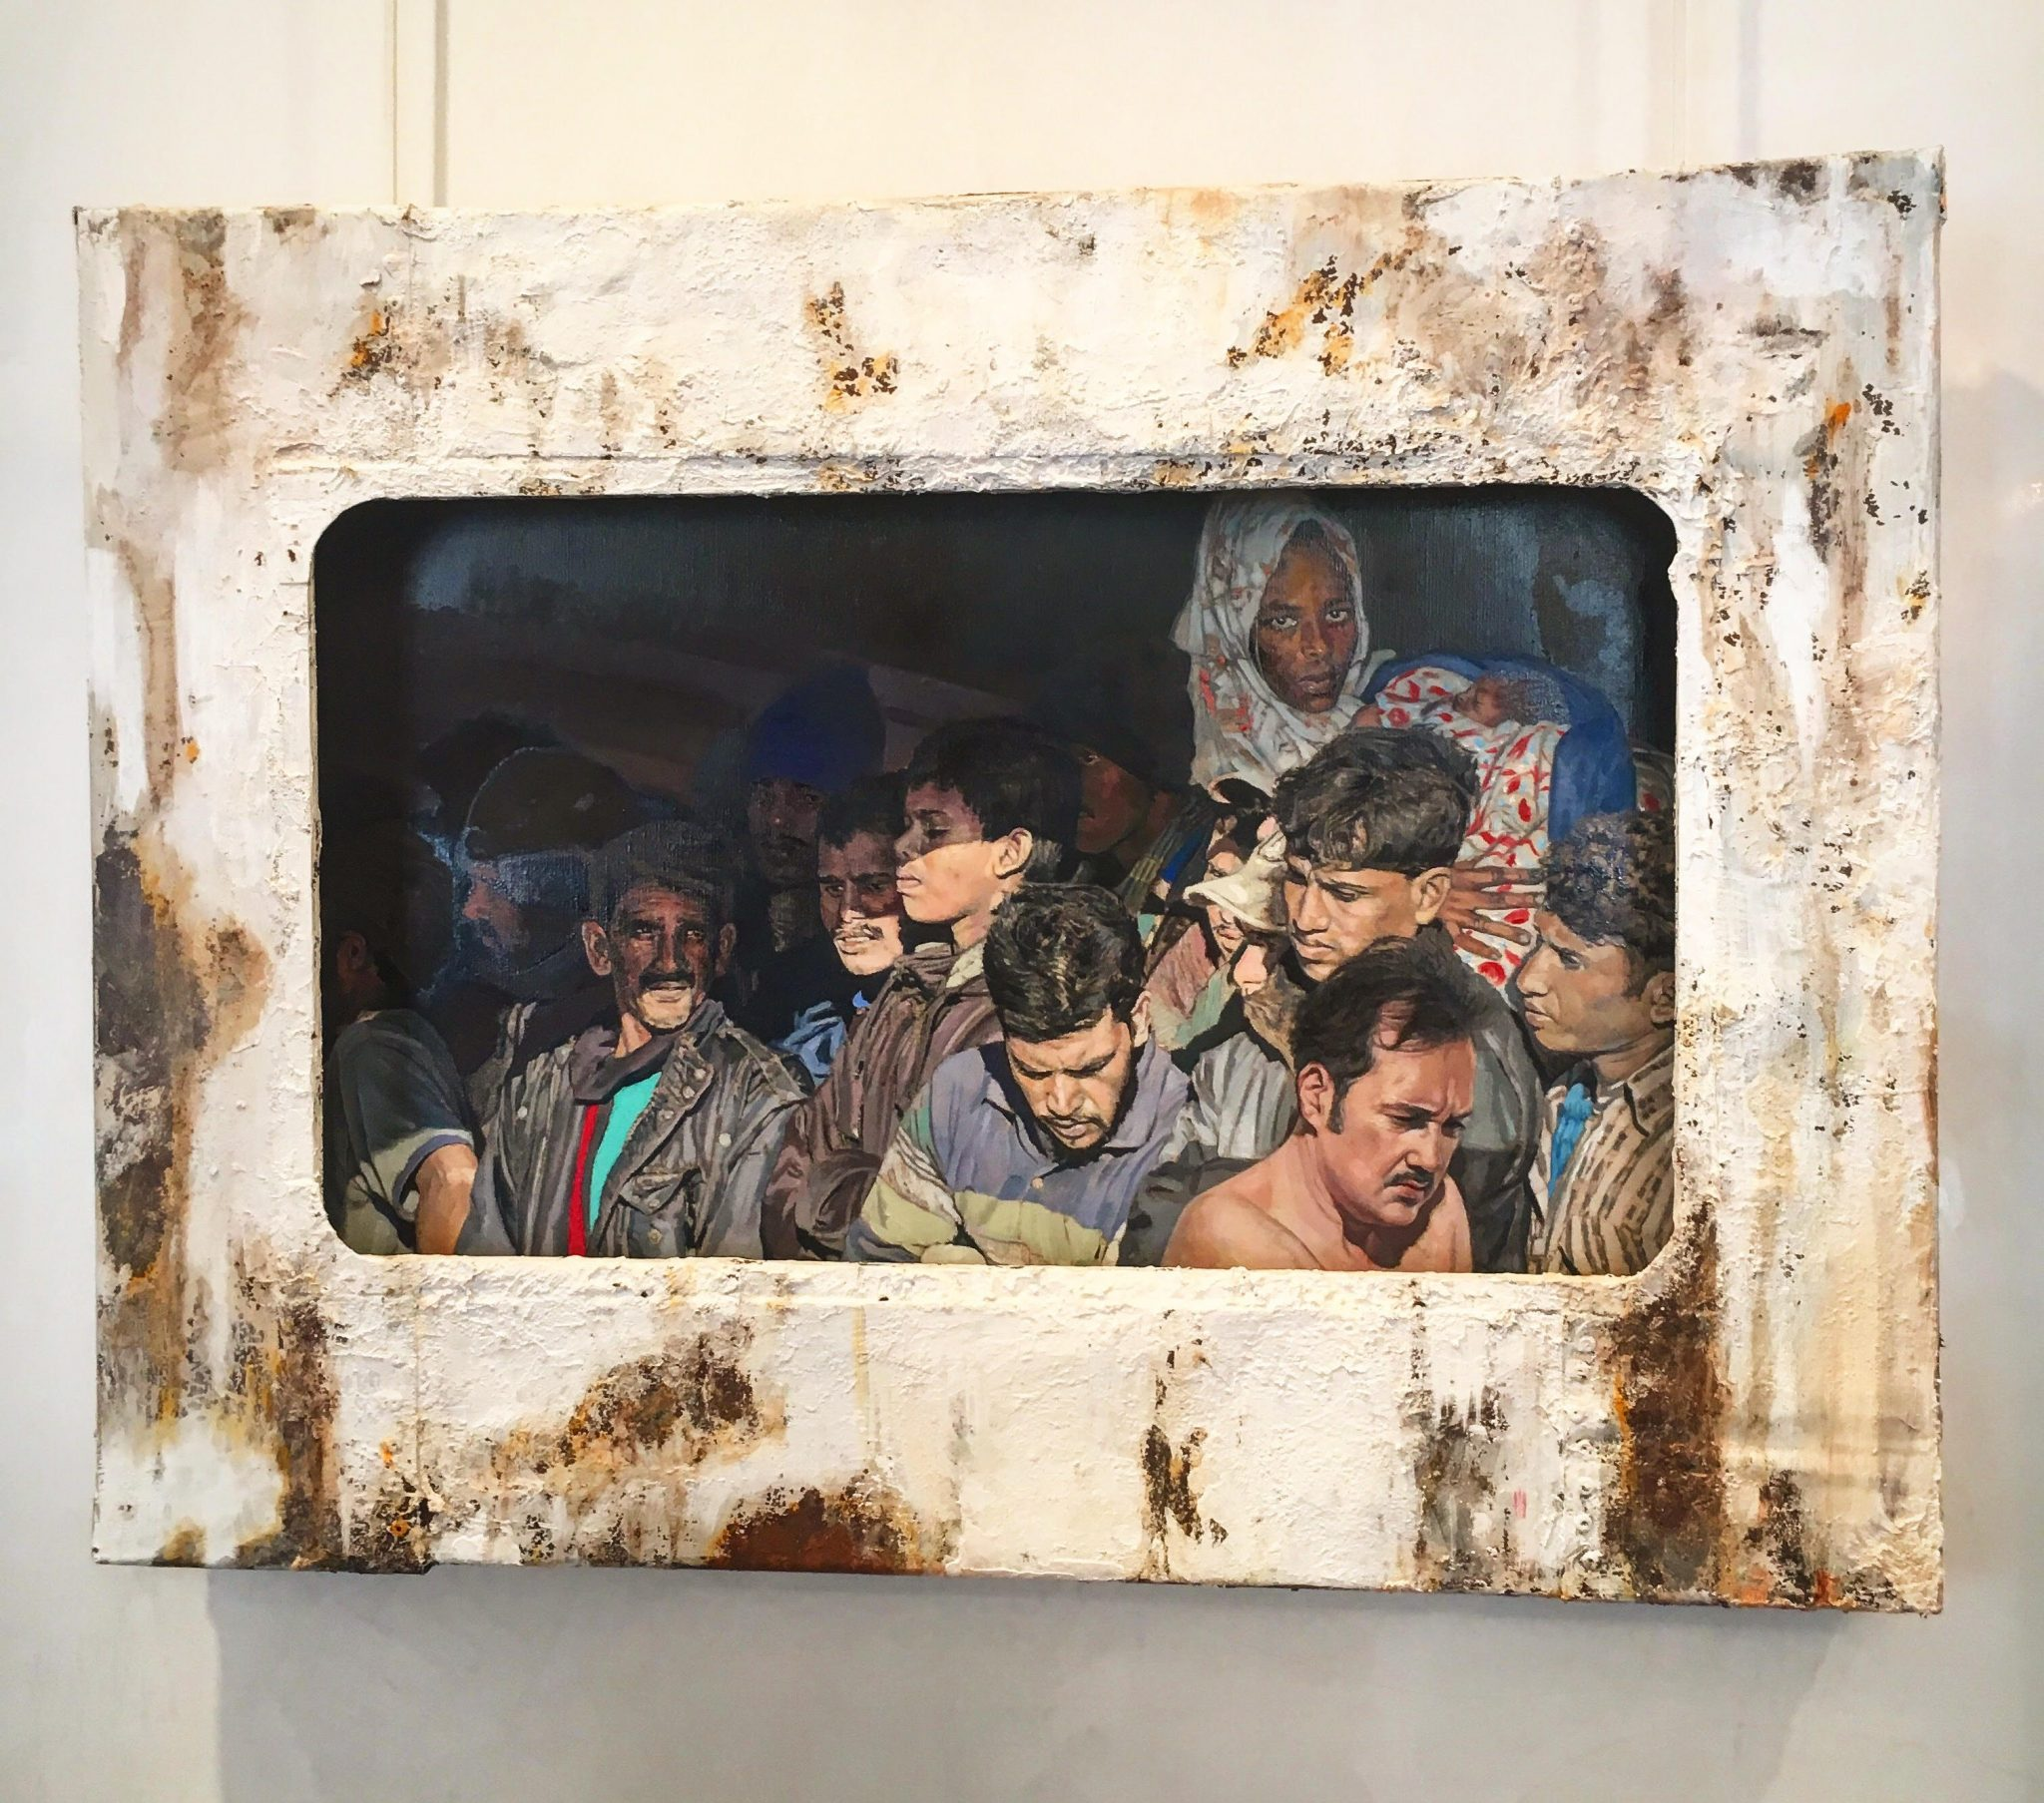 La tragedia dei migranti in un trittico, Giovanni Iudice alla Collezione Iannaccone